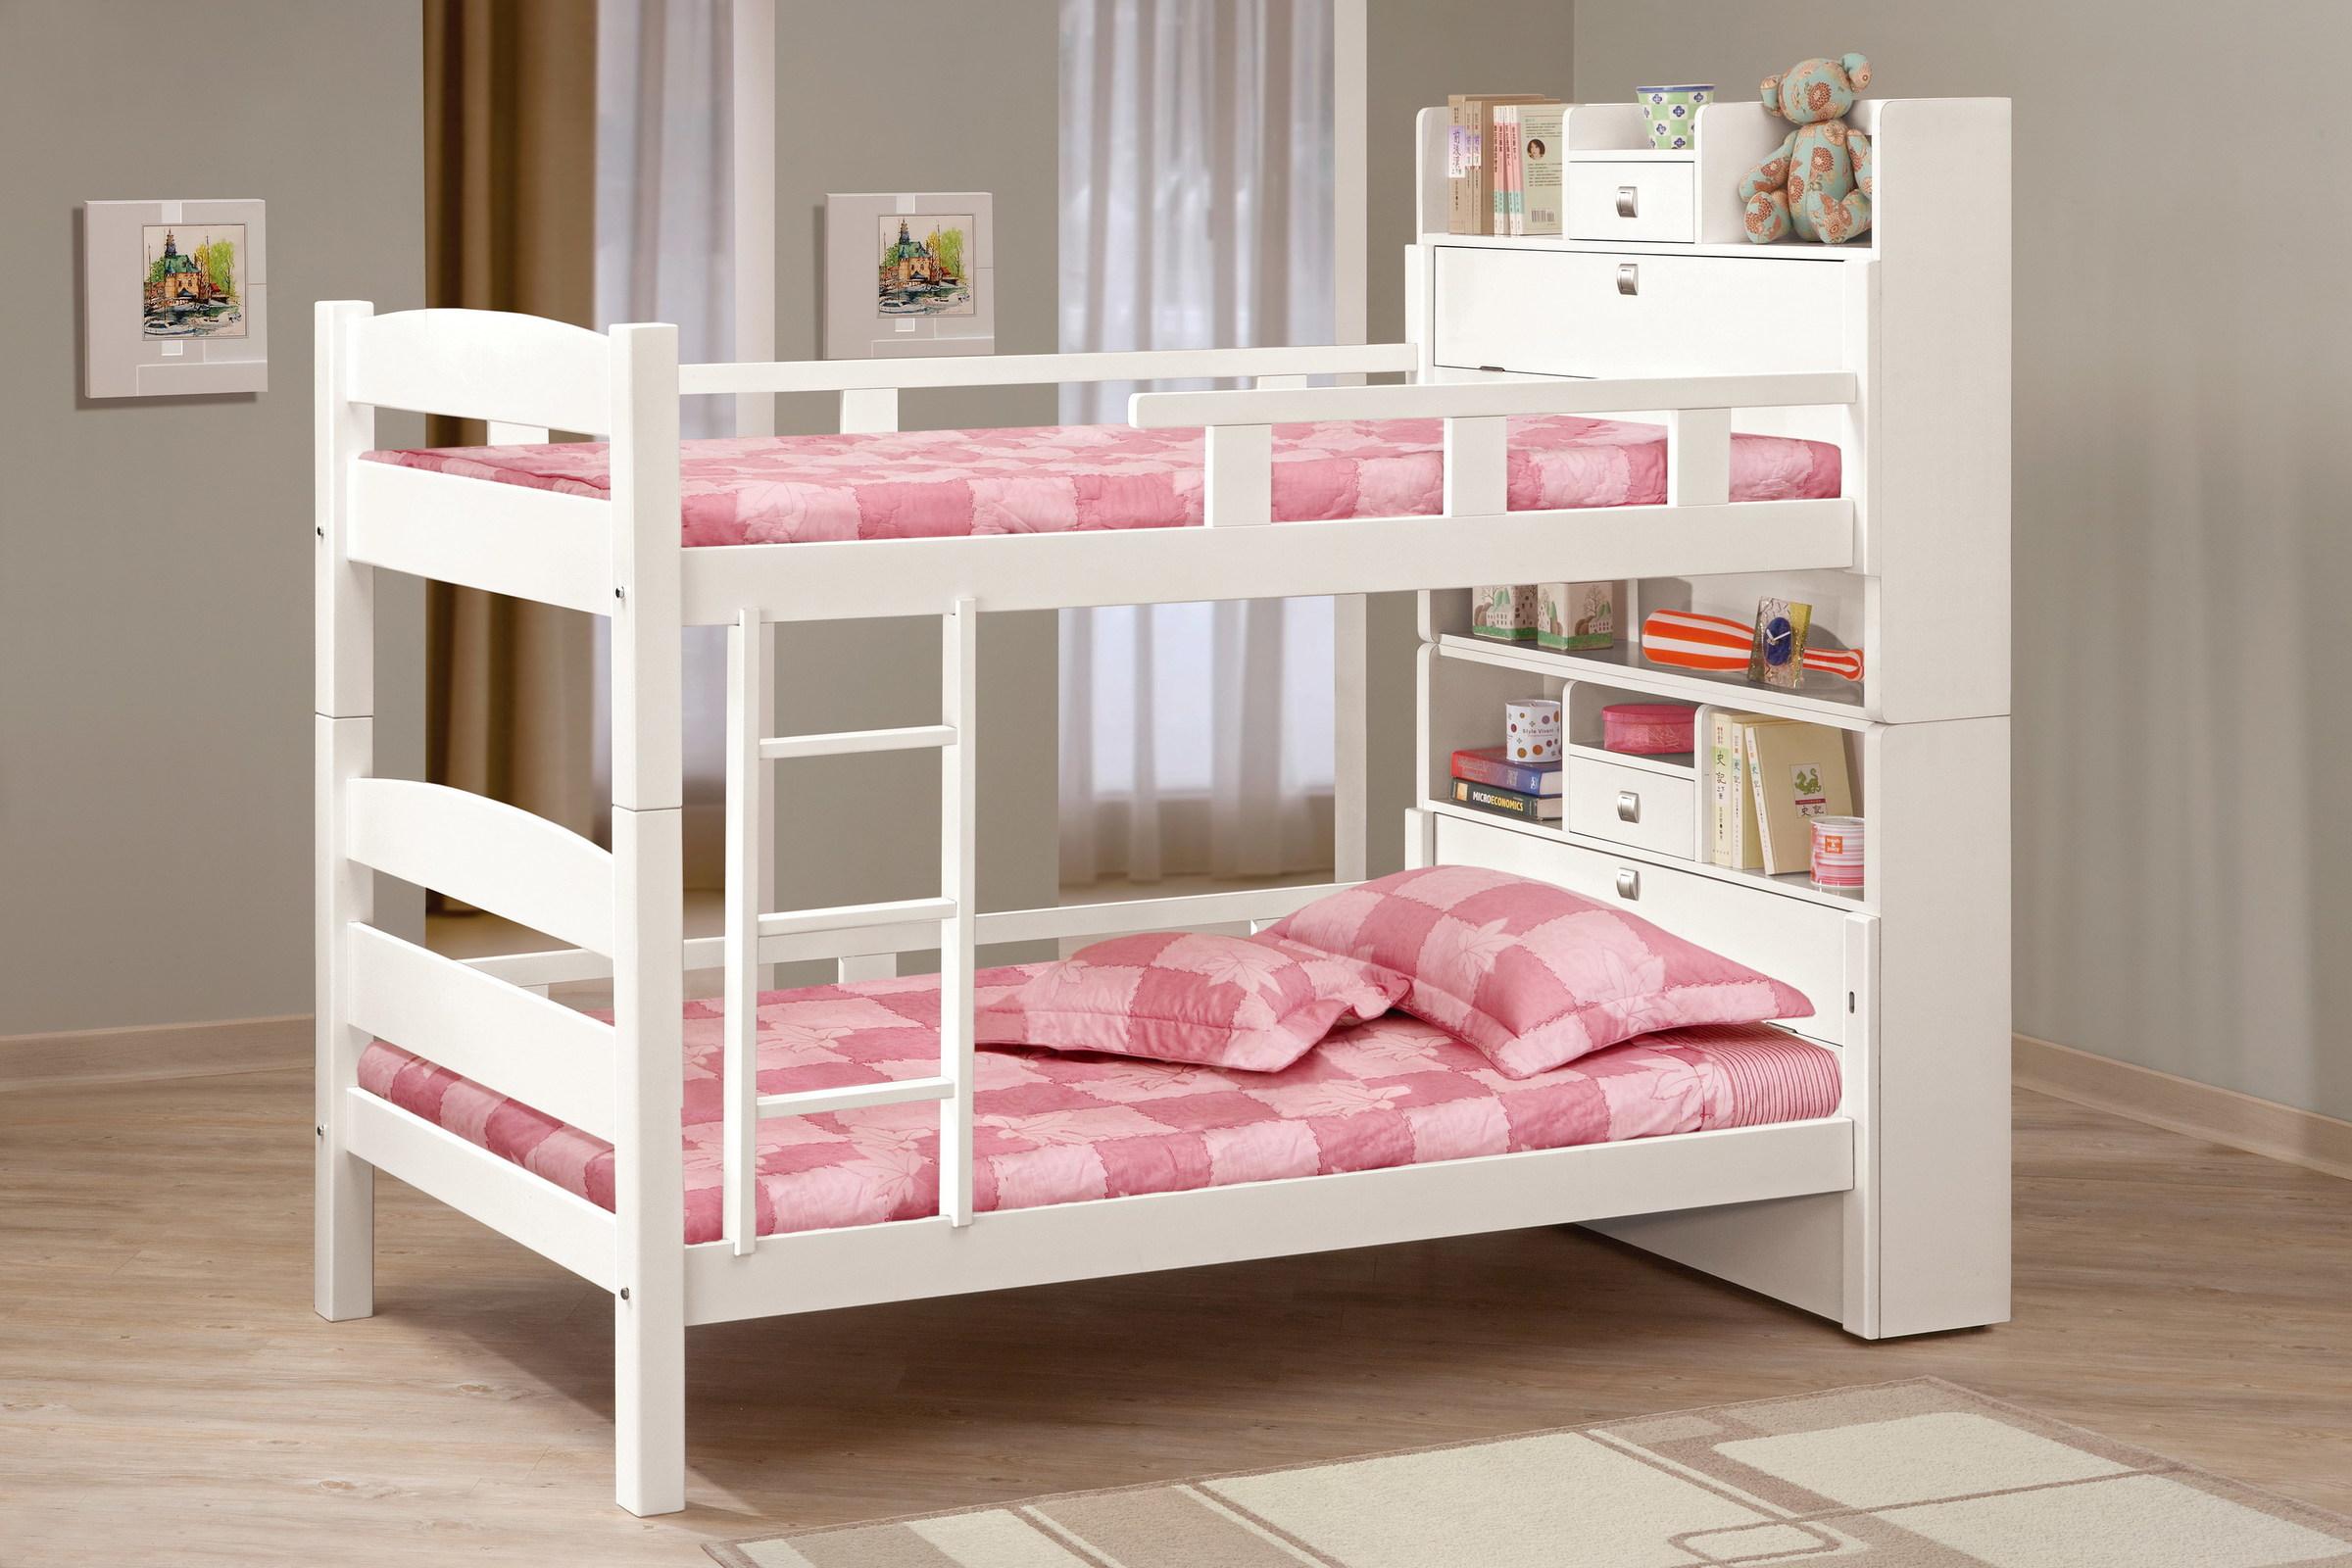 186-5 洛克3.5尺白色多功能雙層床.jpg